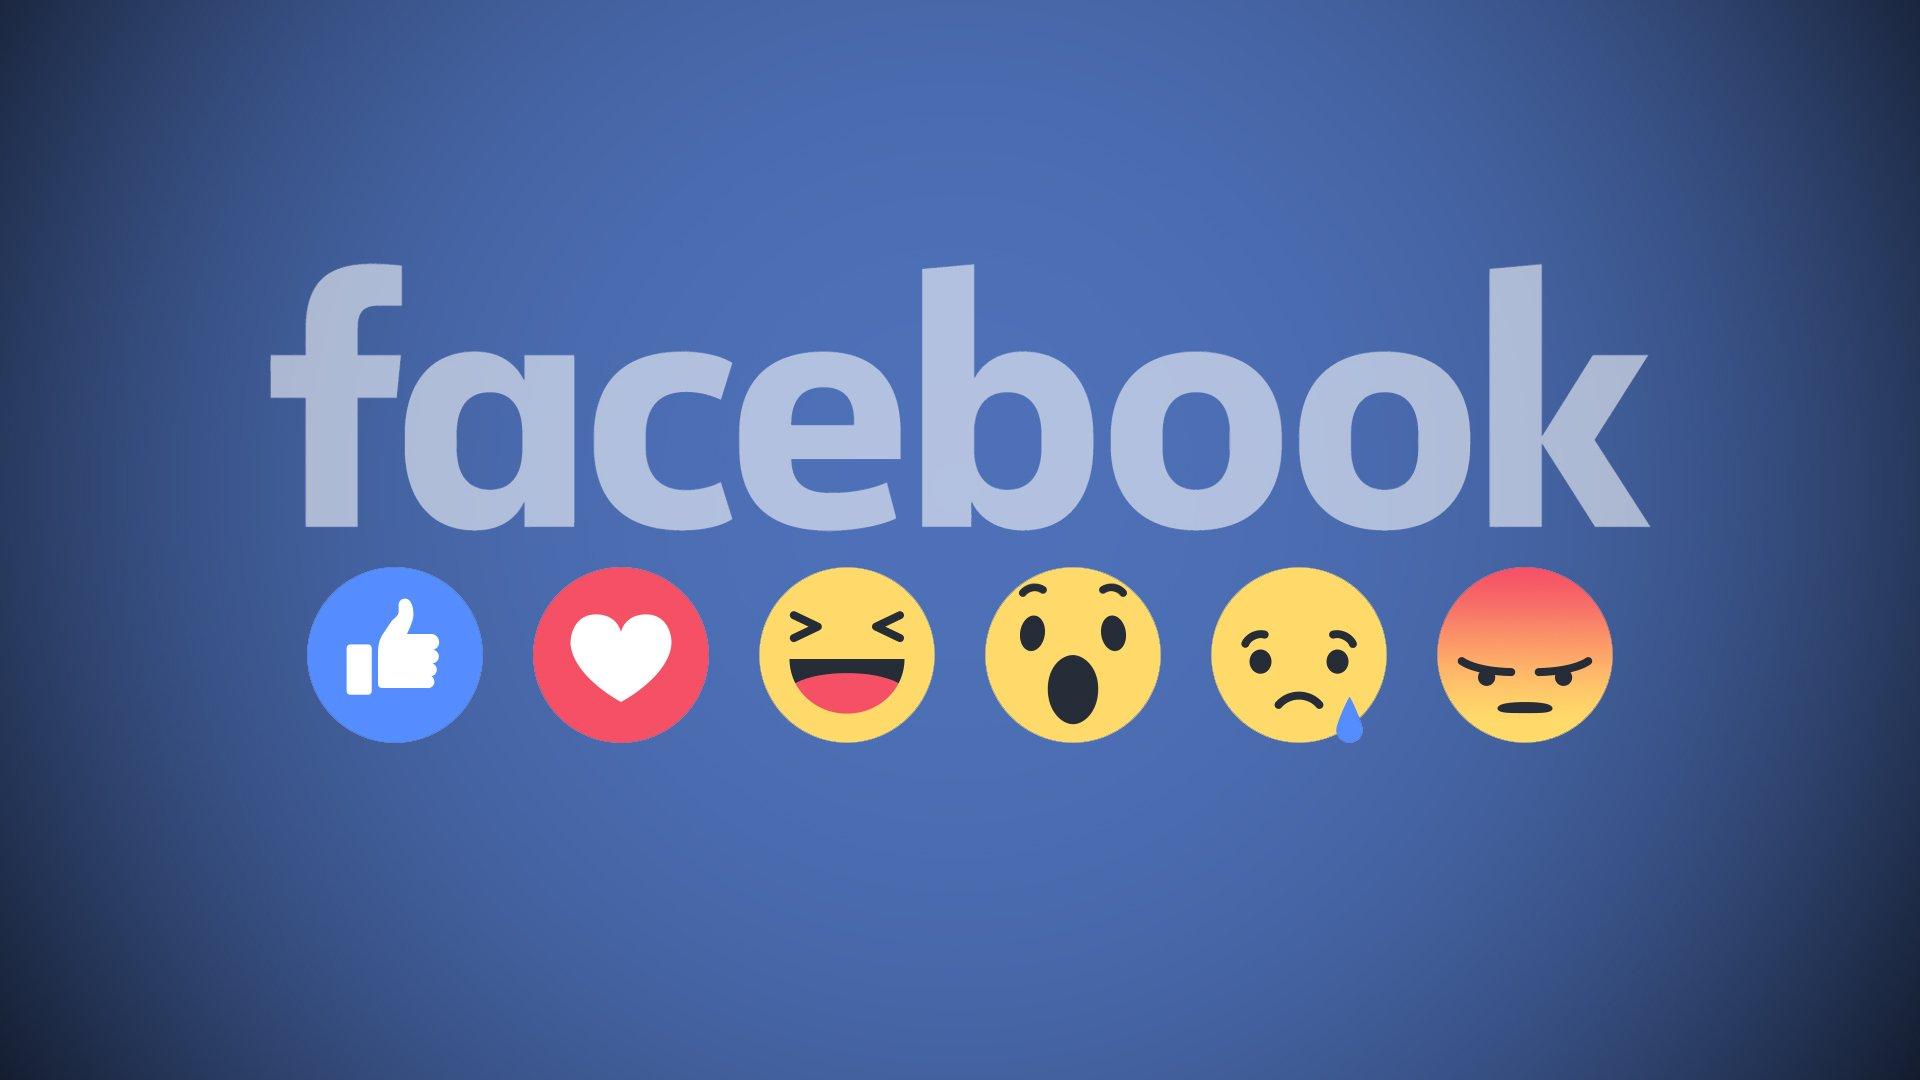 Социальная сеть Facebook делает соцсеть для молодых людей